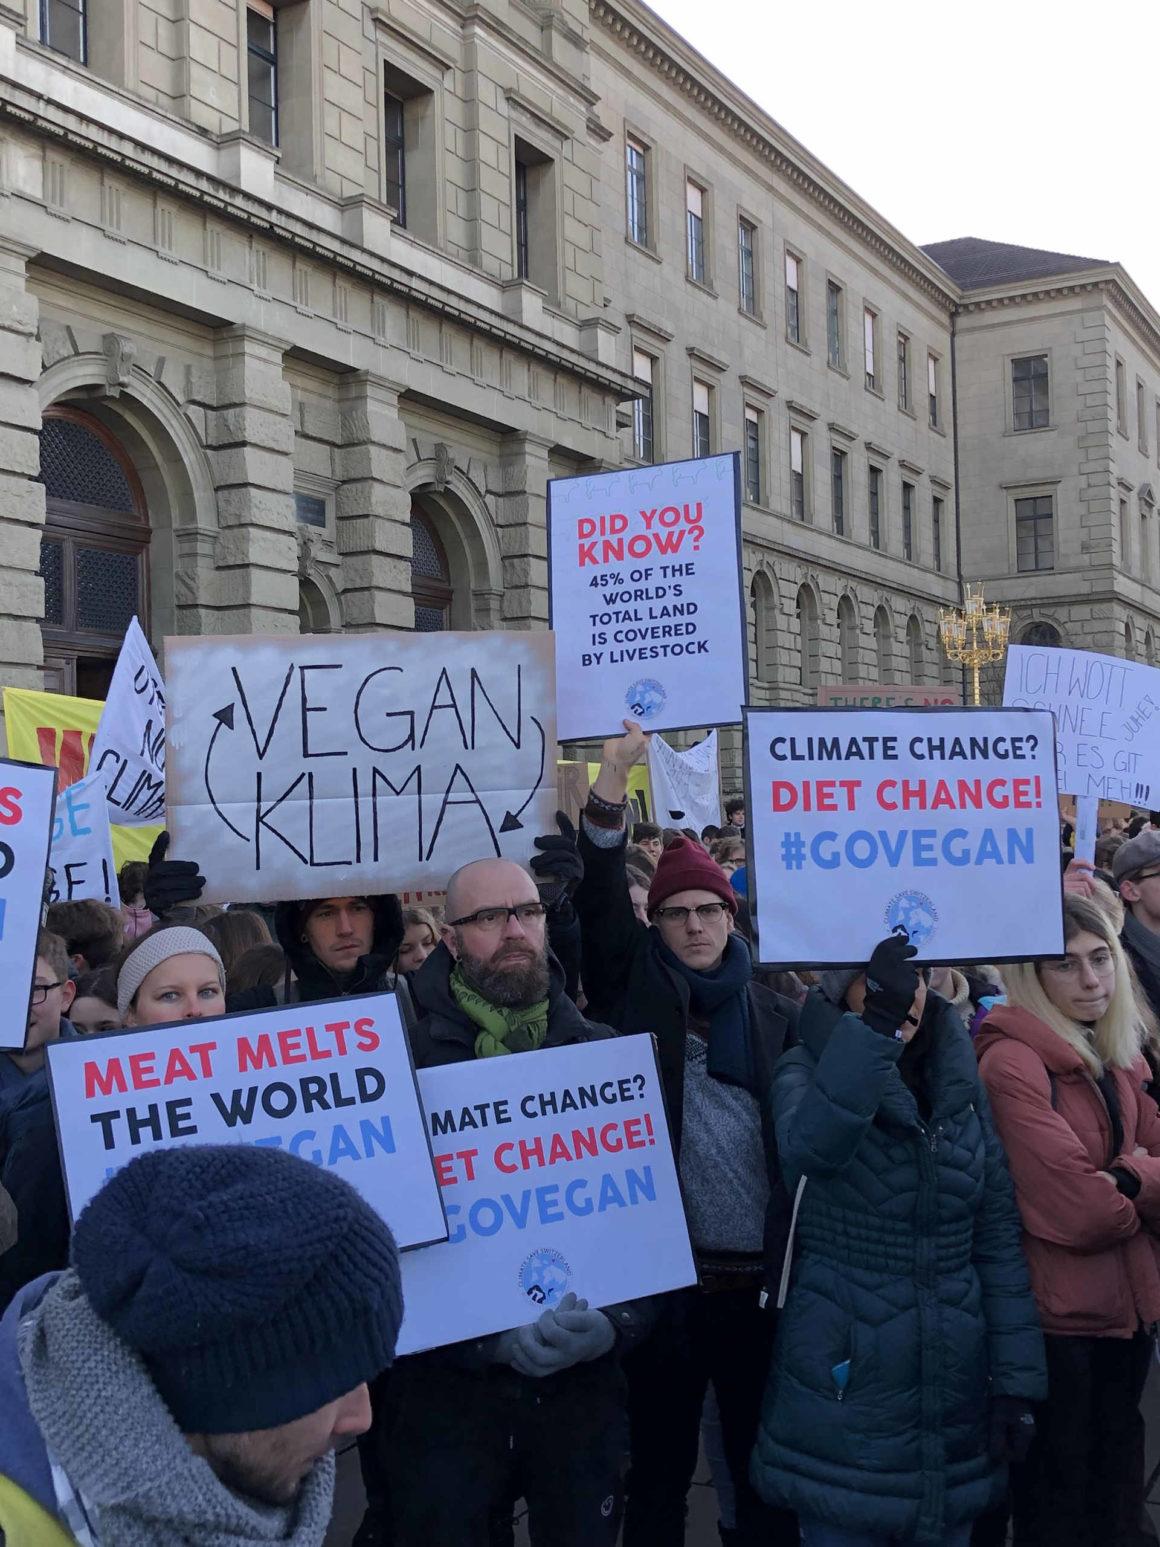 Demo für vegetarische Ernährung und gegen den Klimawandel